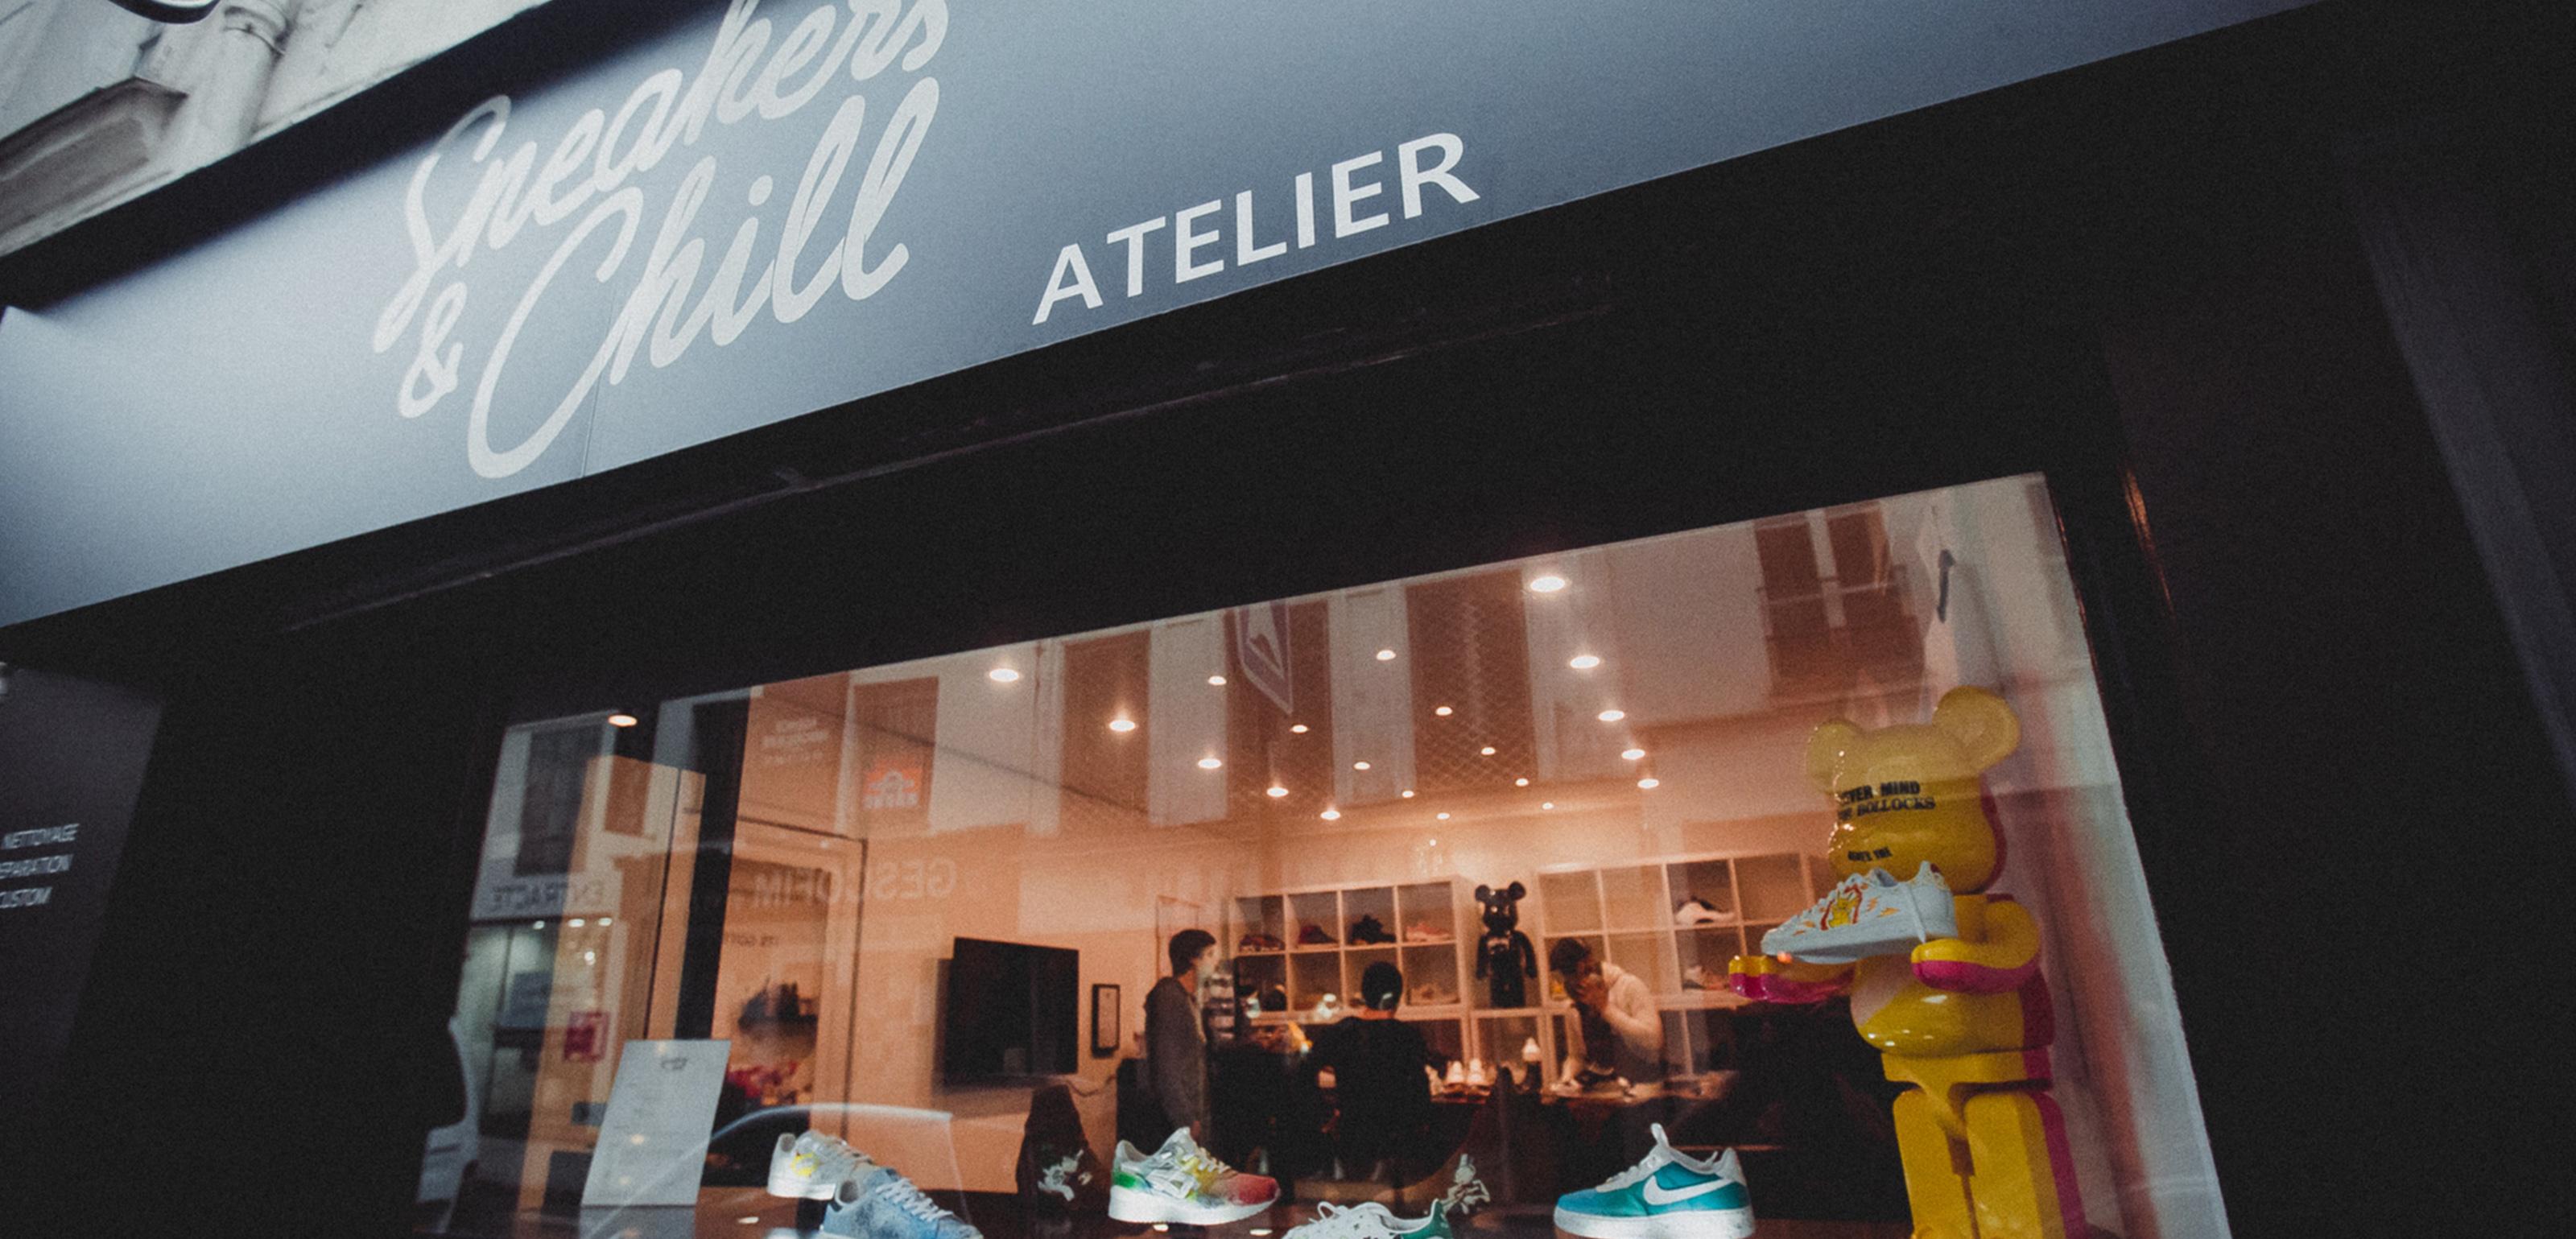 SneakersChil_slide2